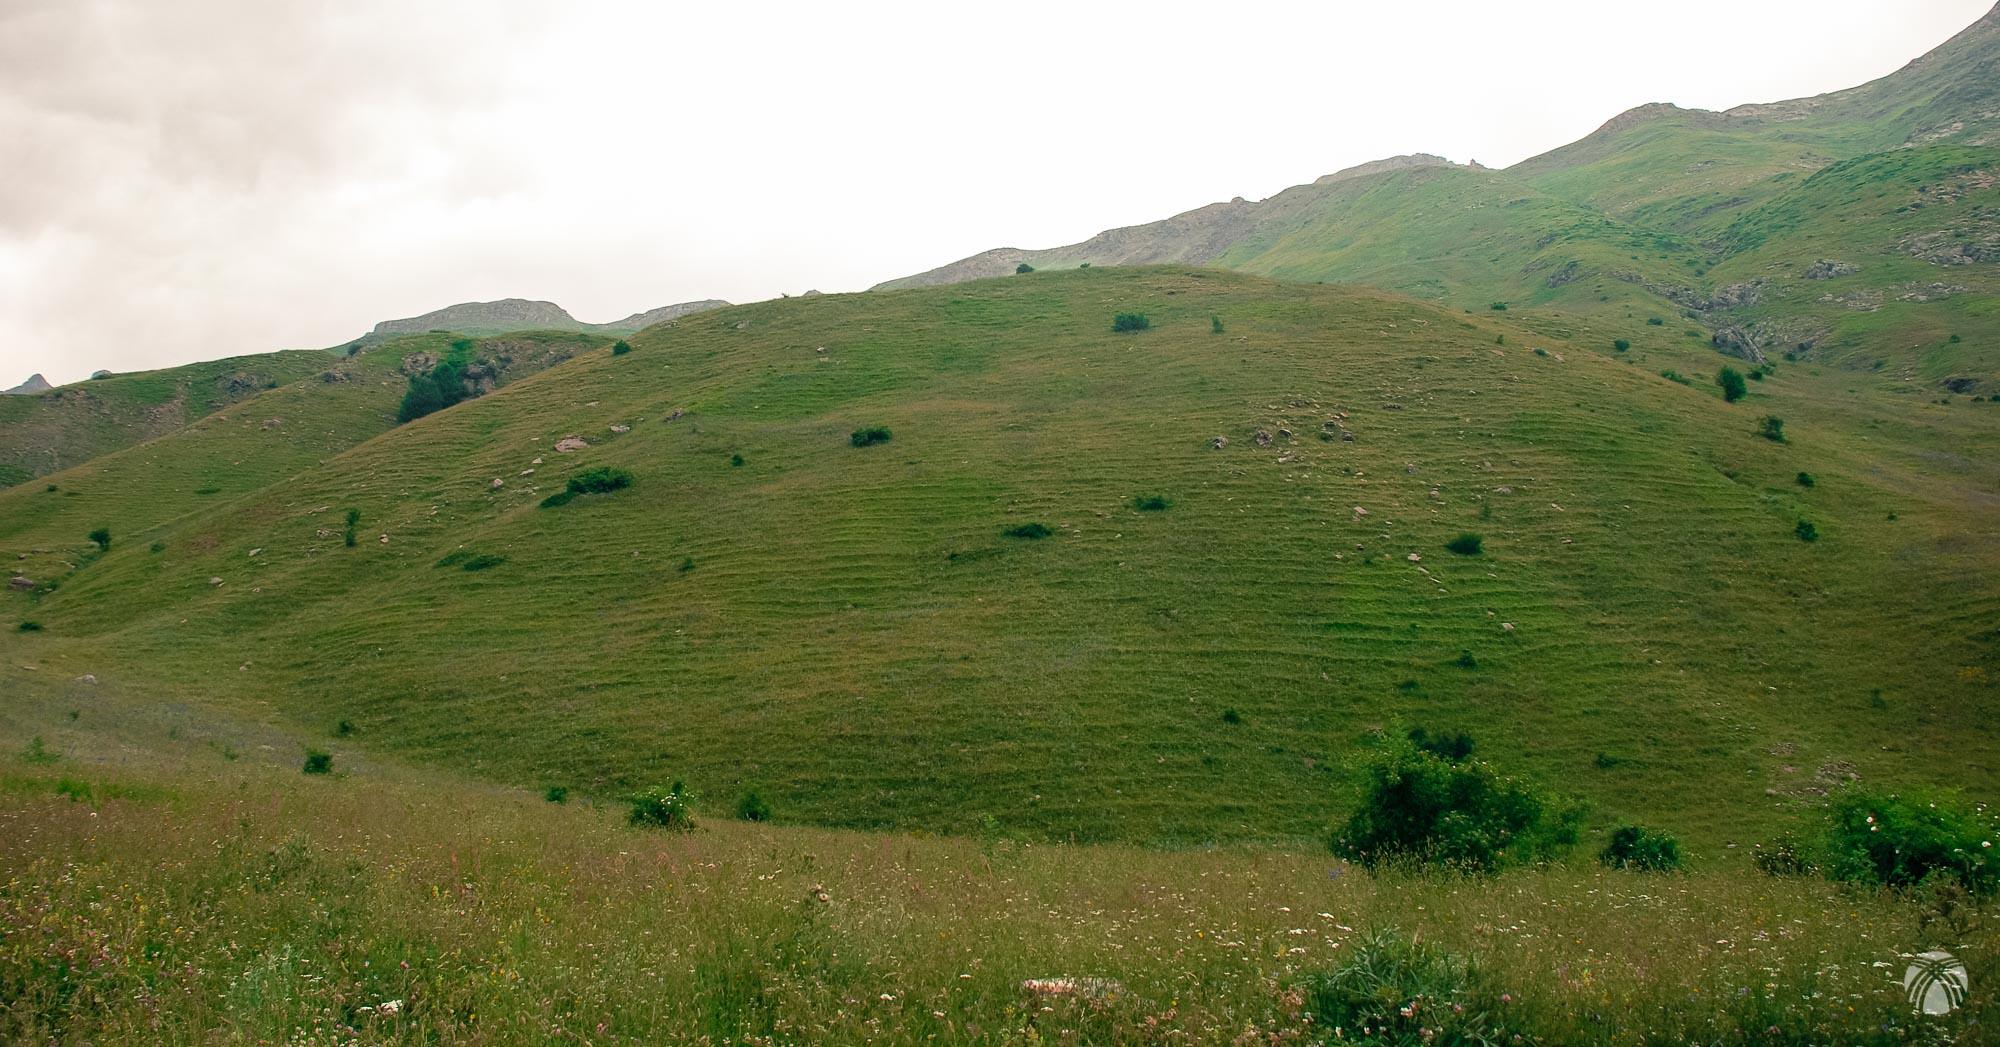 Ladera herbosa por la que nos hemos escapado